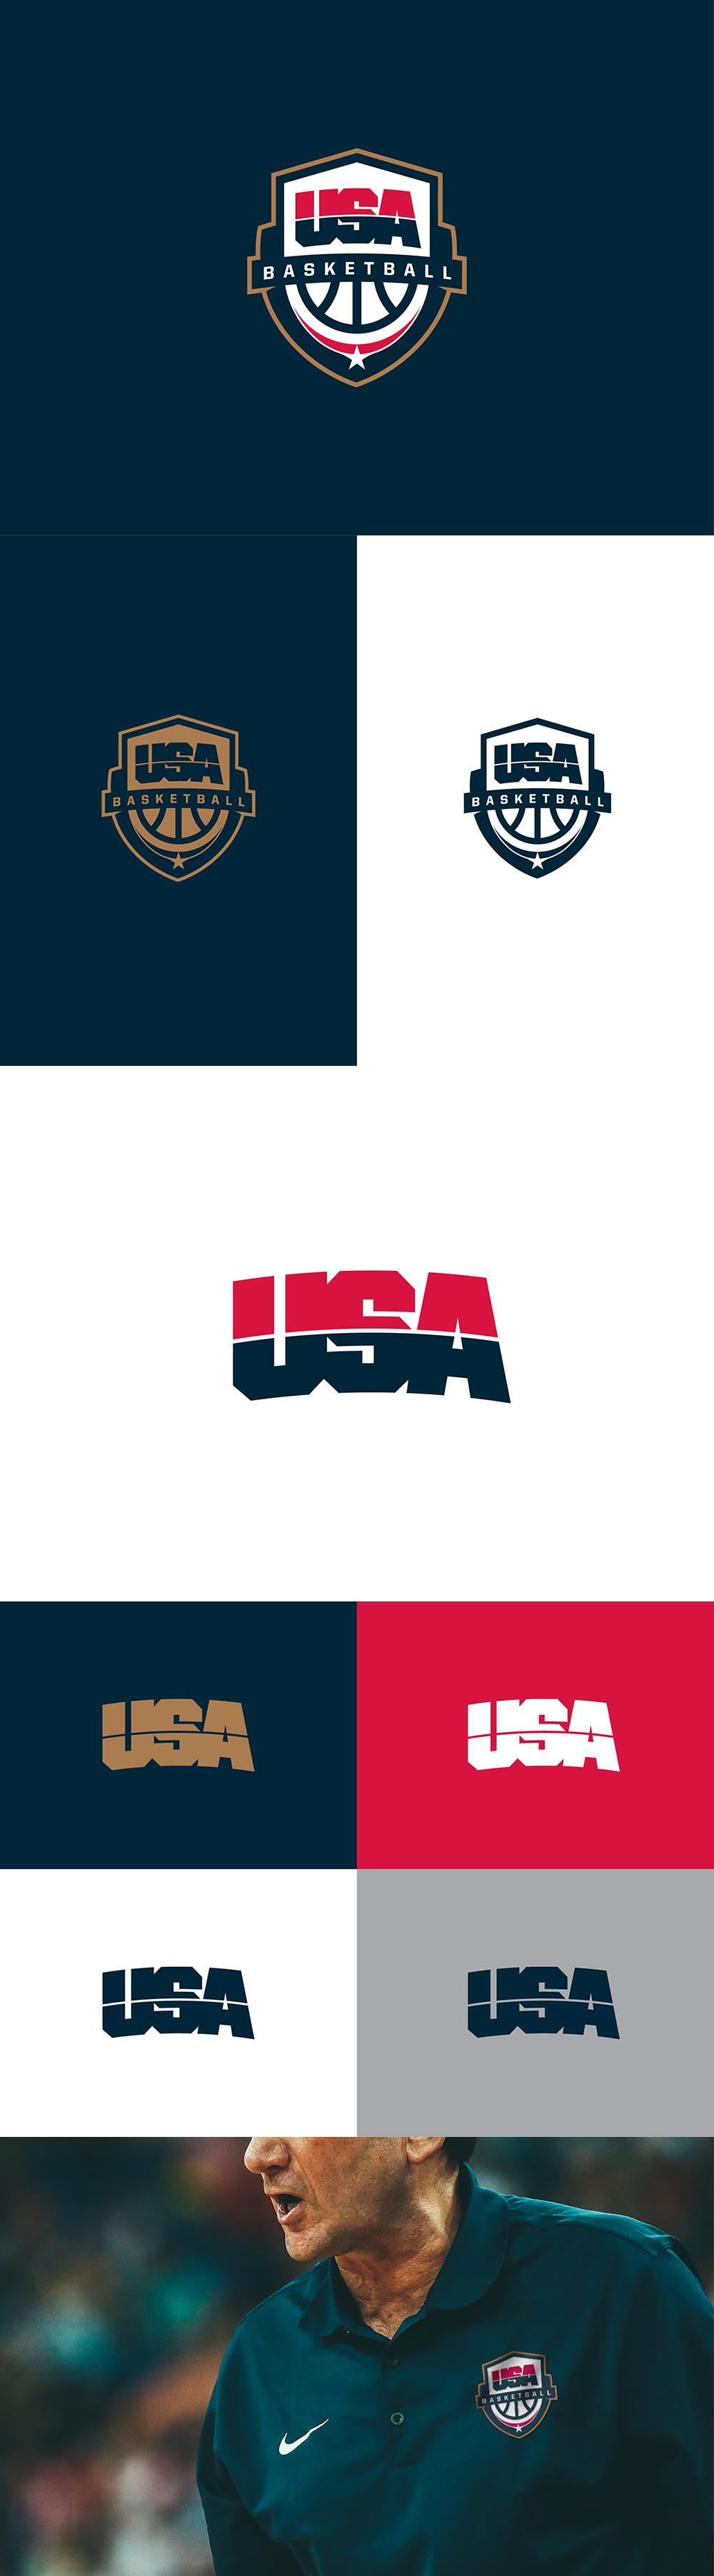 Logotipo del equipo de baloncesto: Baloncesto de EE. UU. Por Darrin Crescenzi